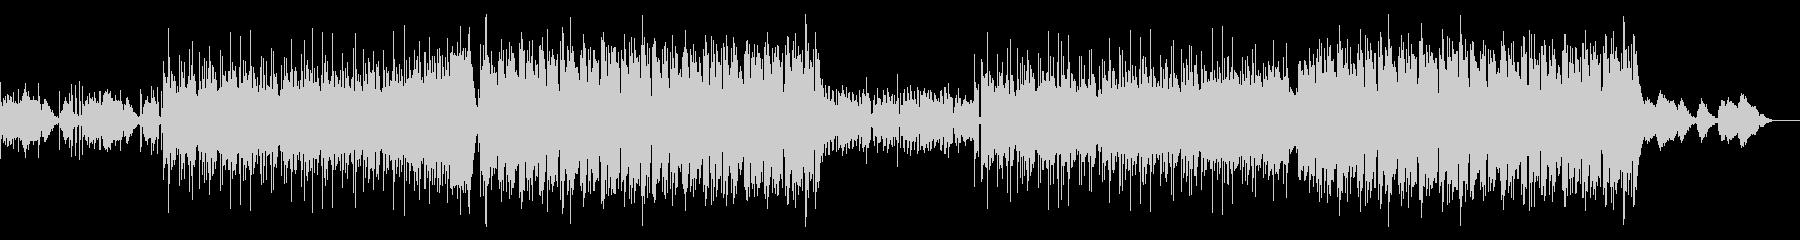 重低音、HIPHOP、オシャレCOOLの未再生の波形